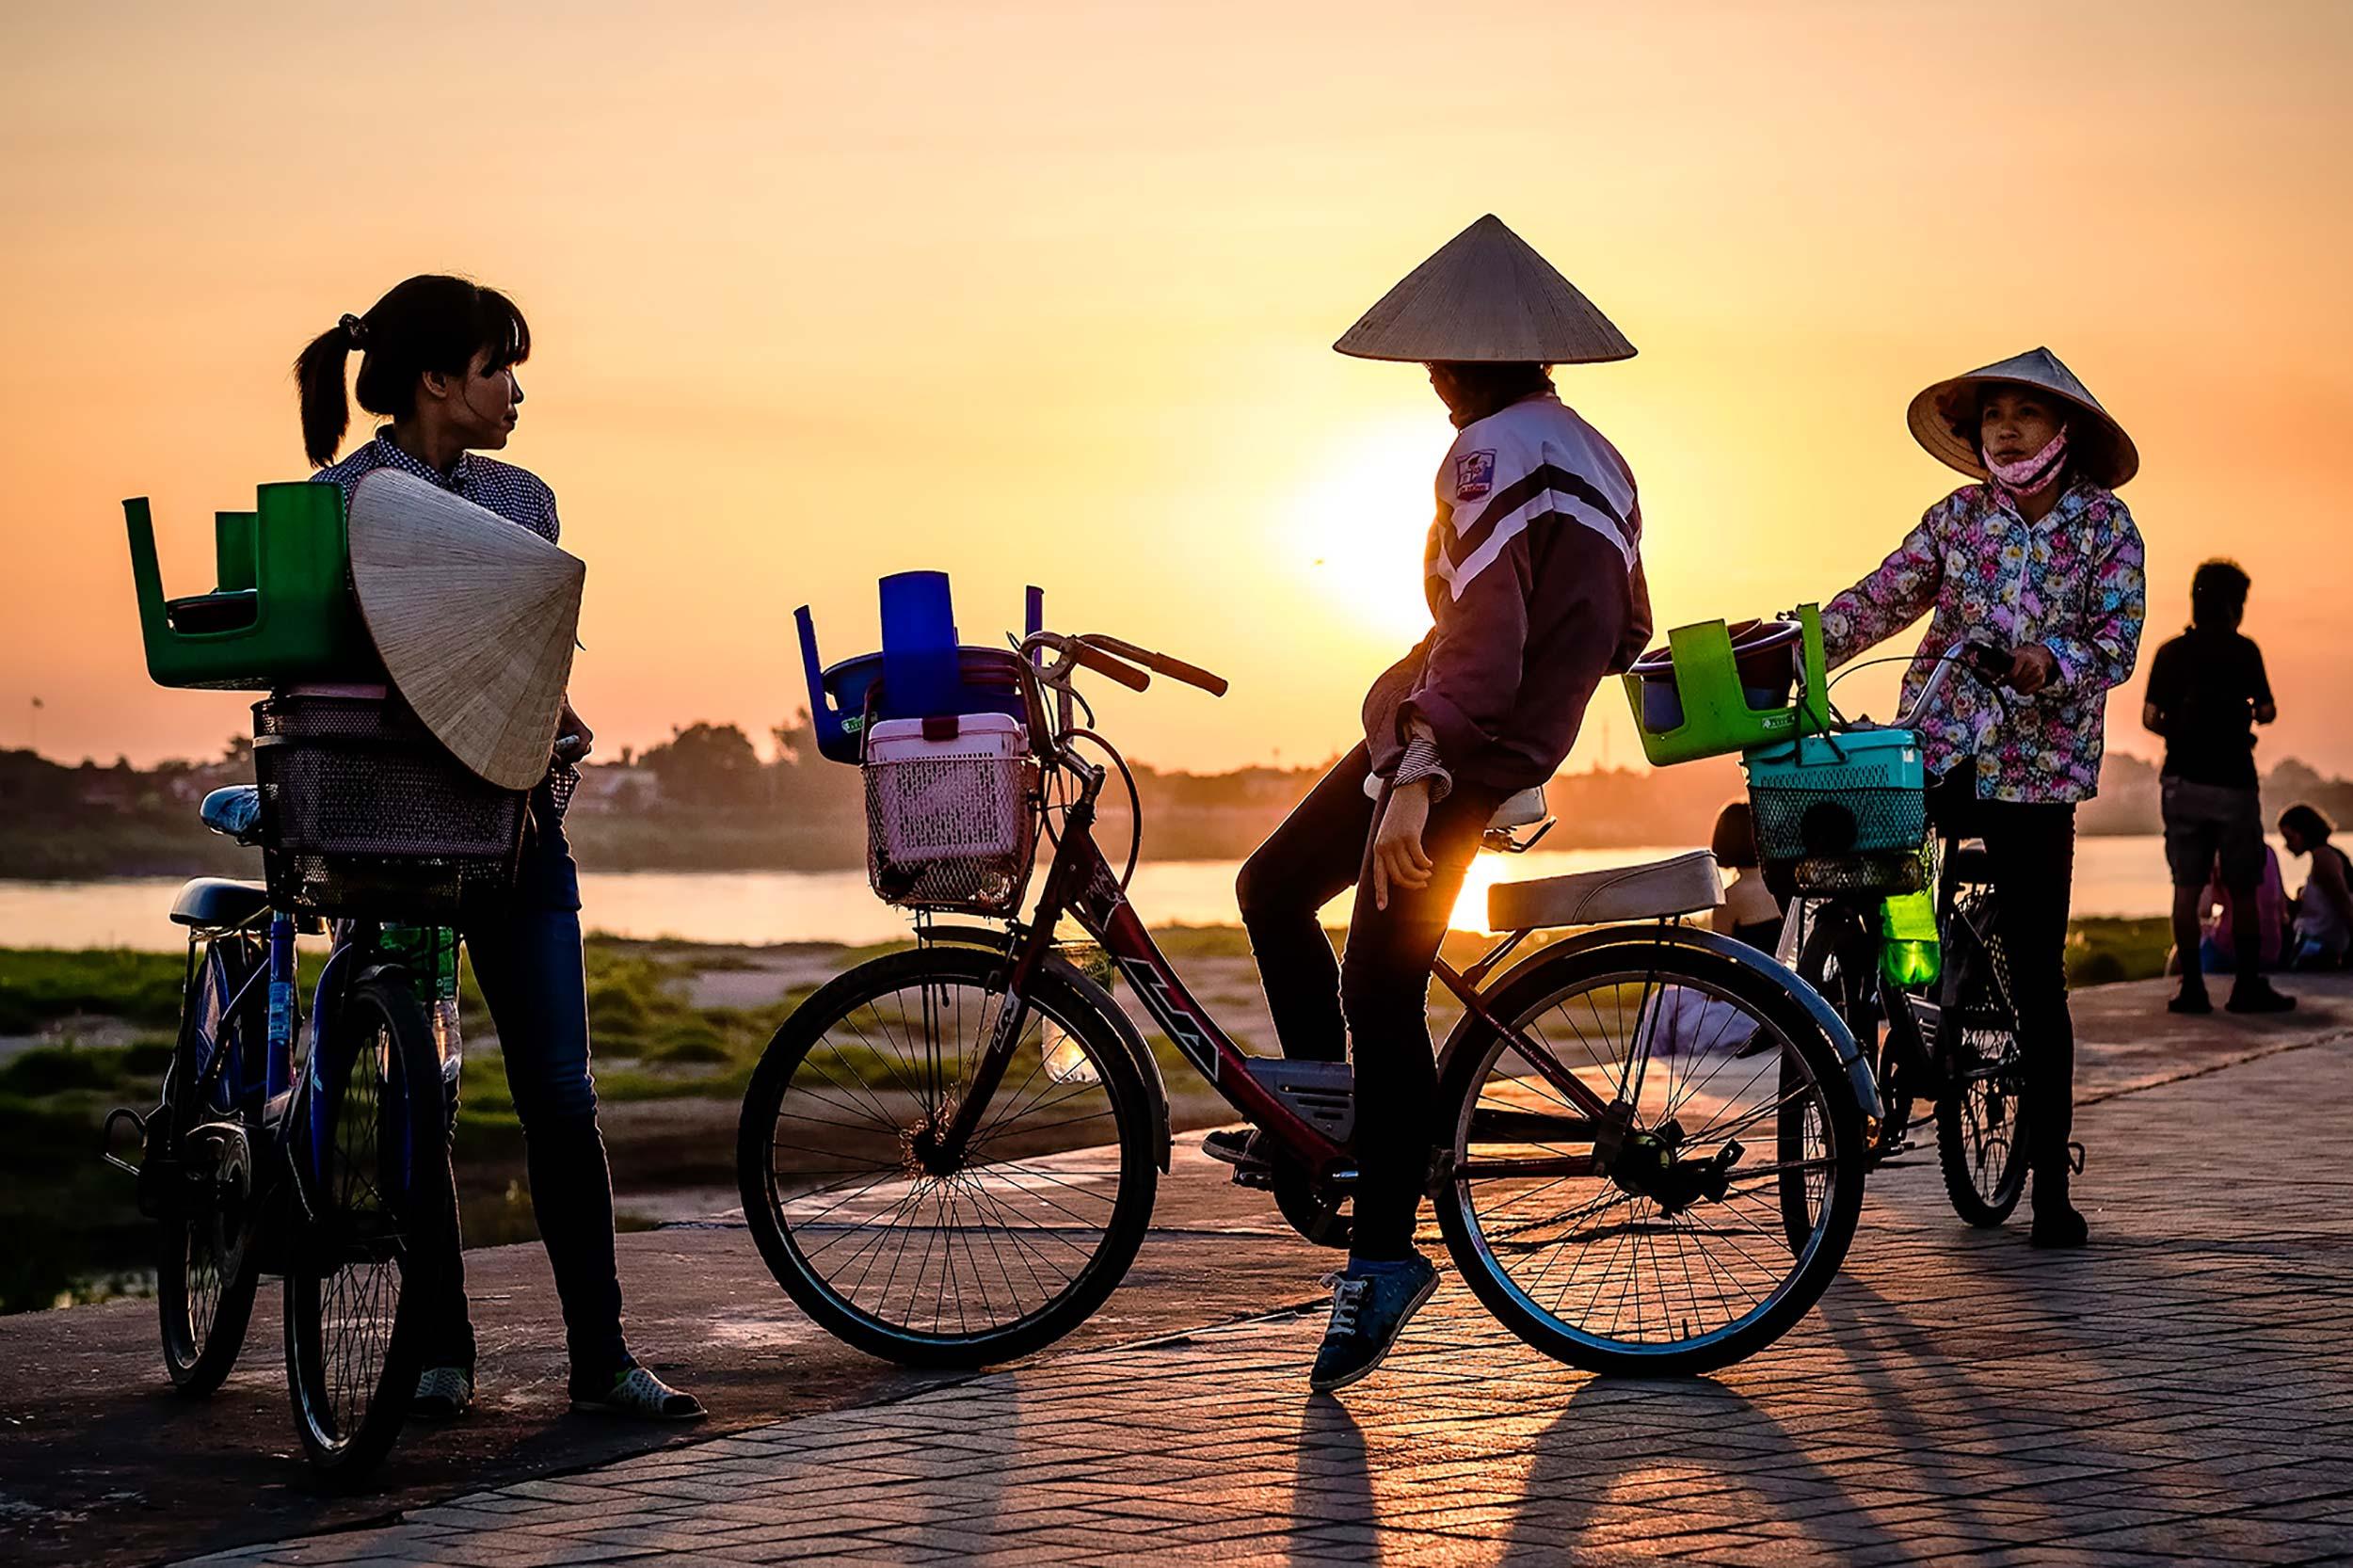 Mekong, Vientiane